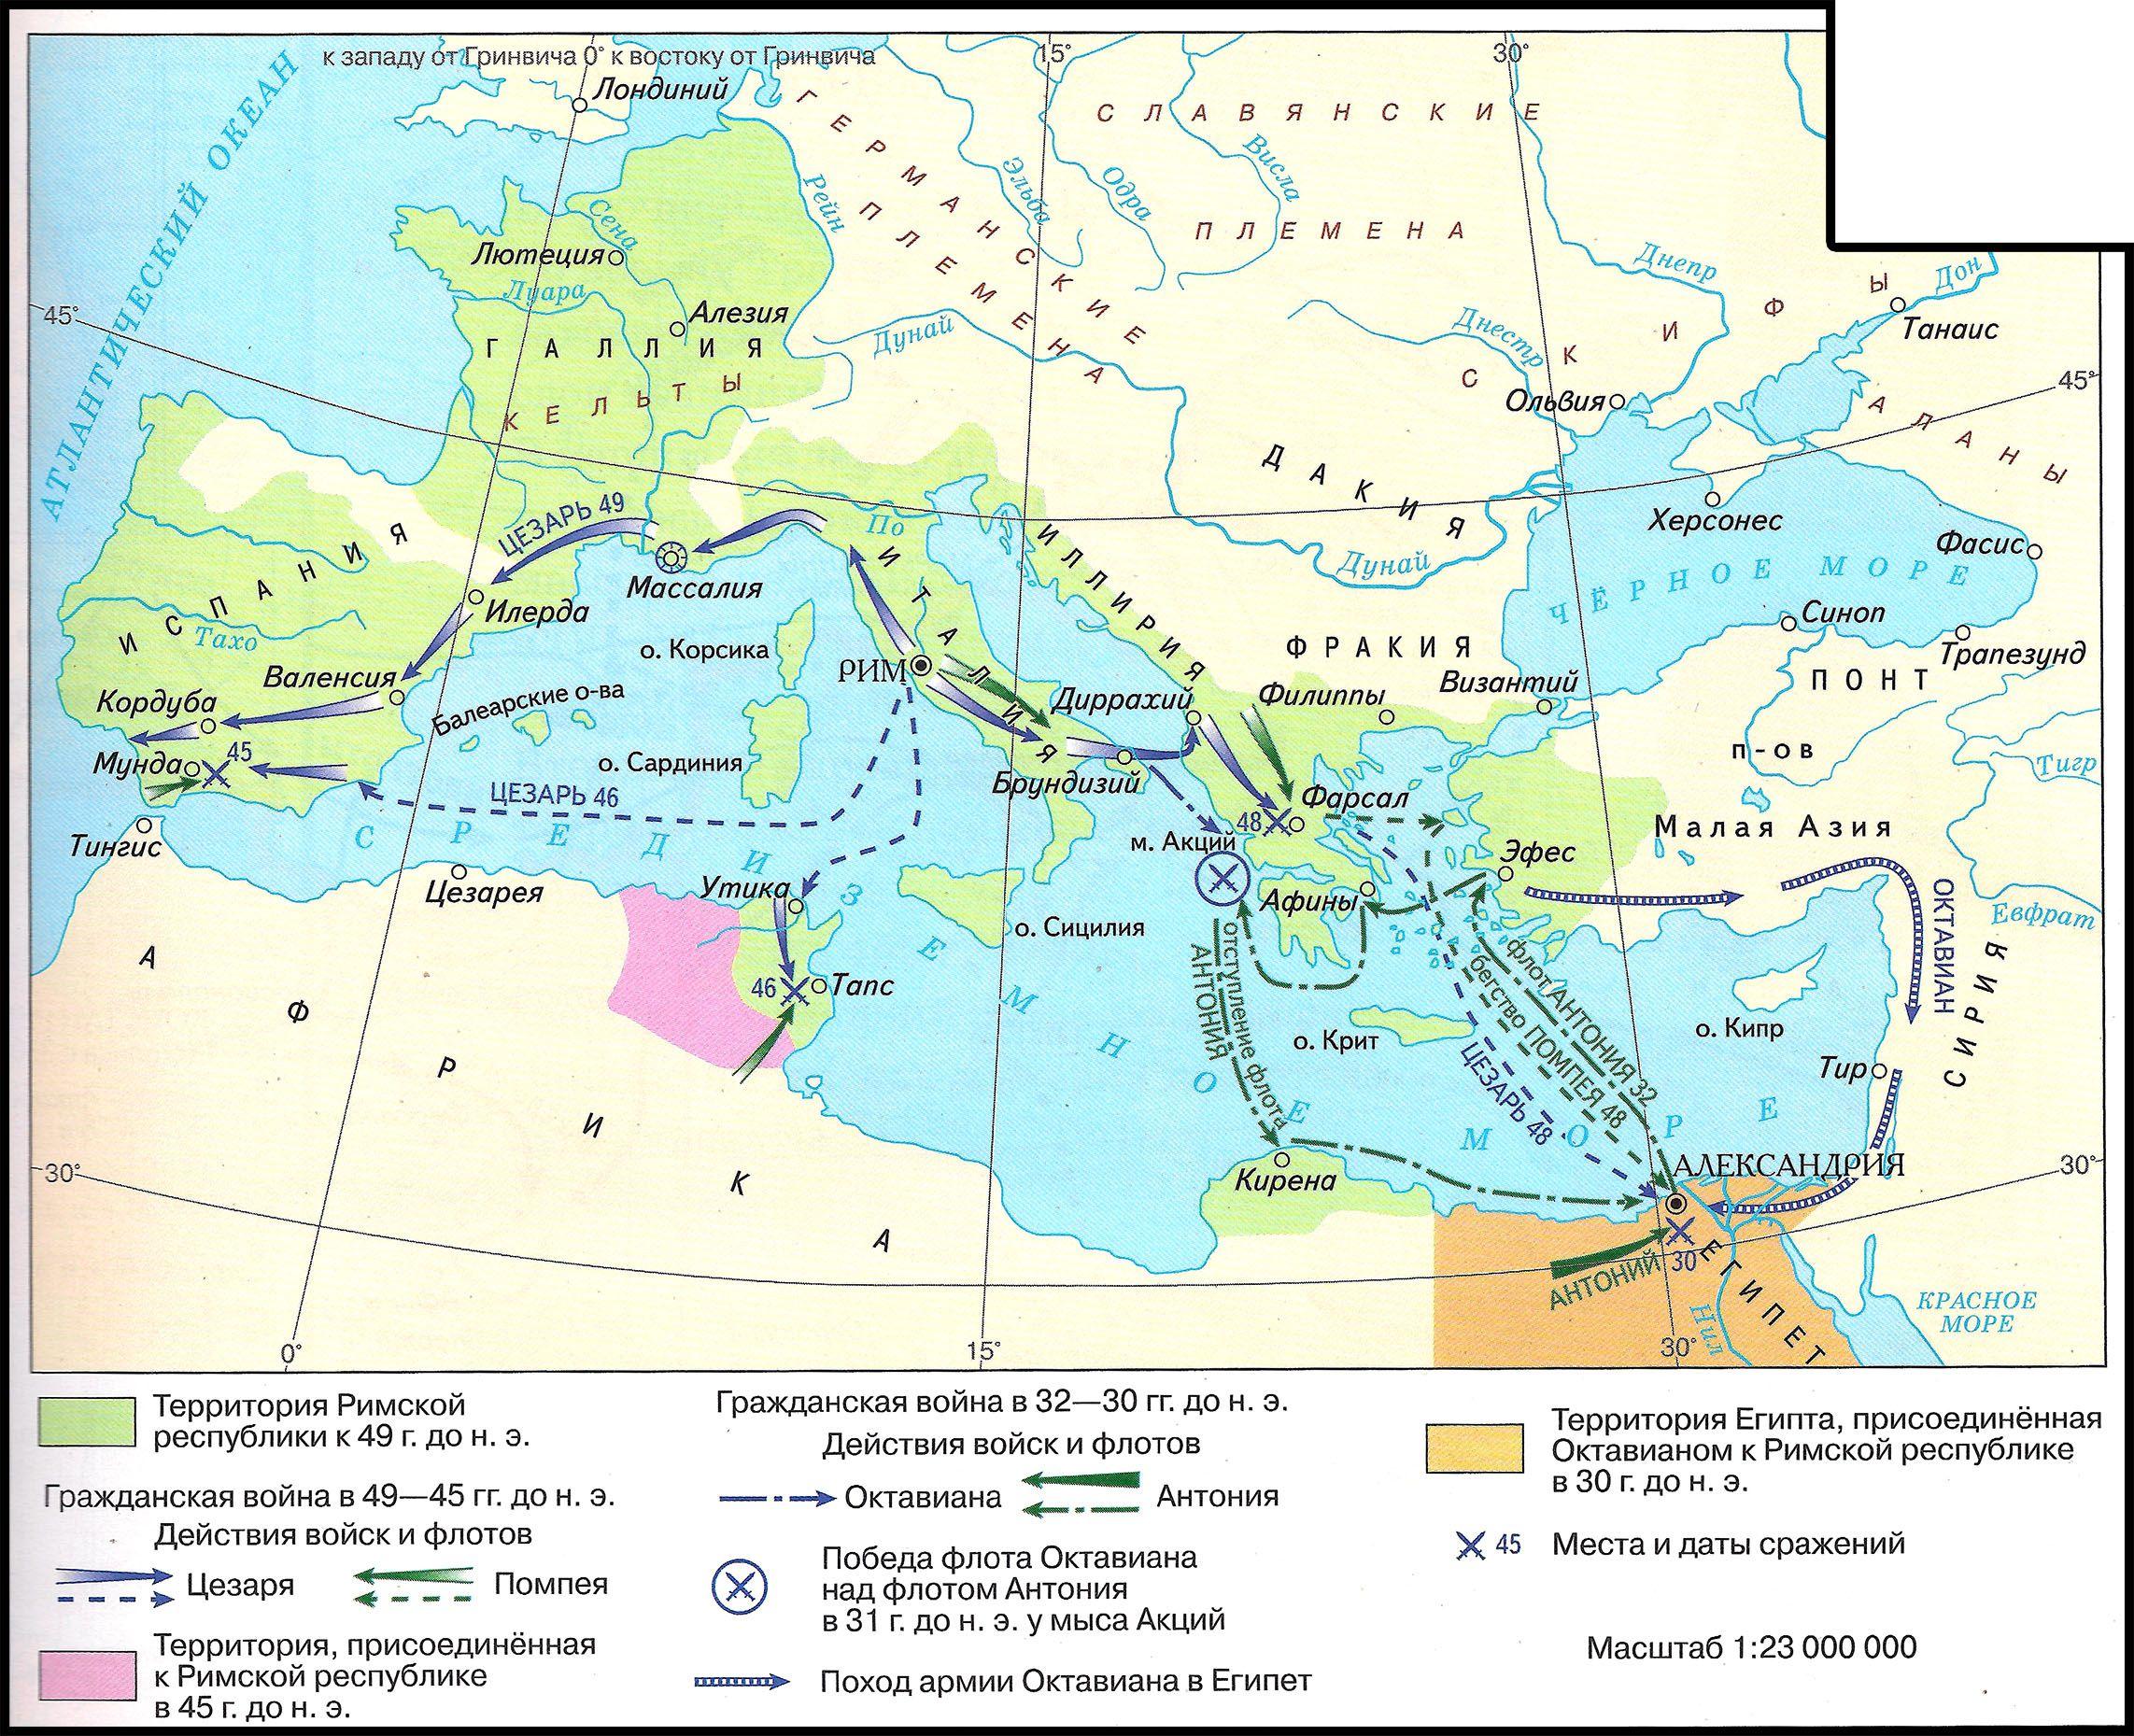 Гражданские войны в Риме в 40-30-е гг. до н.э.